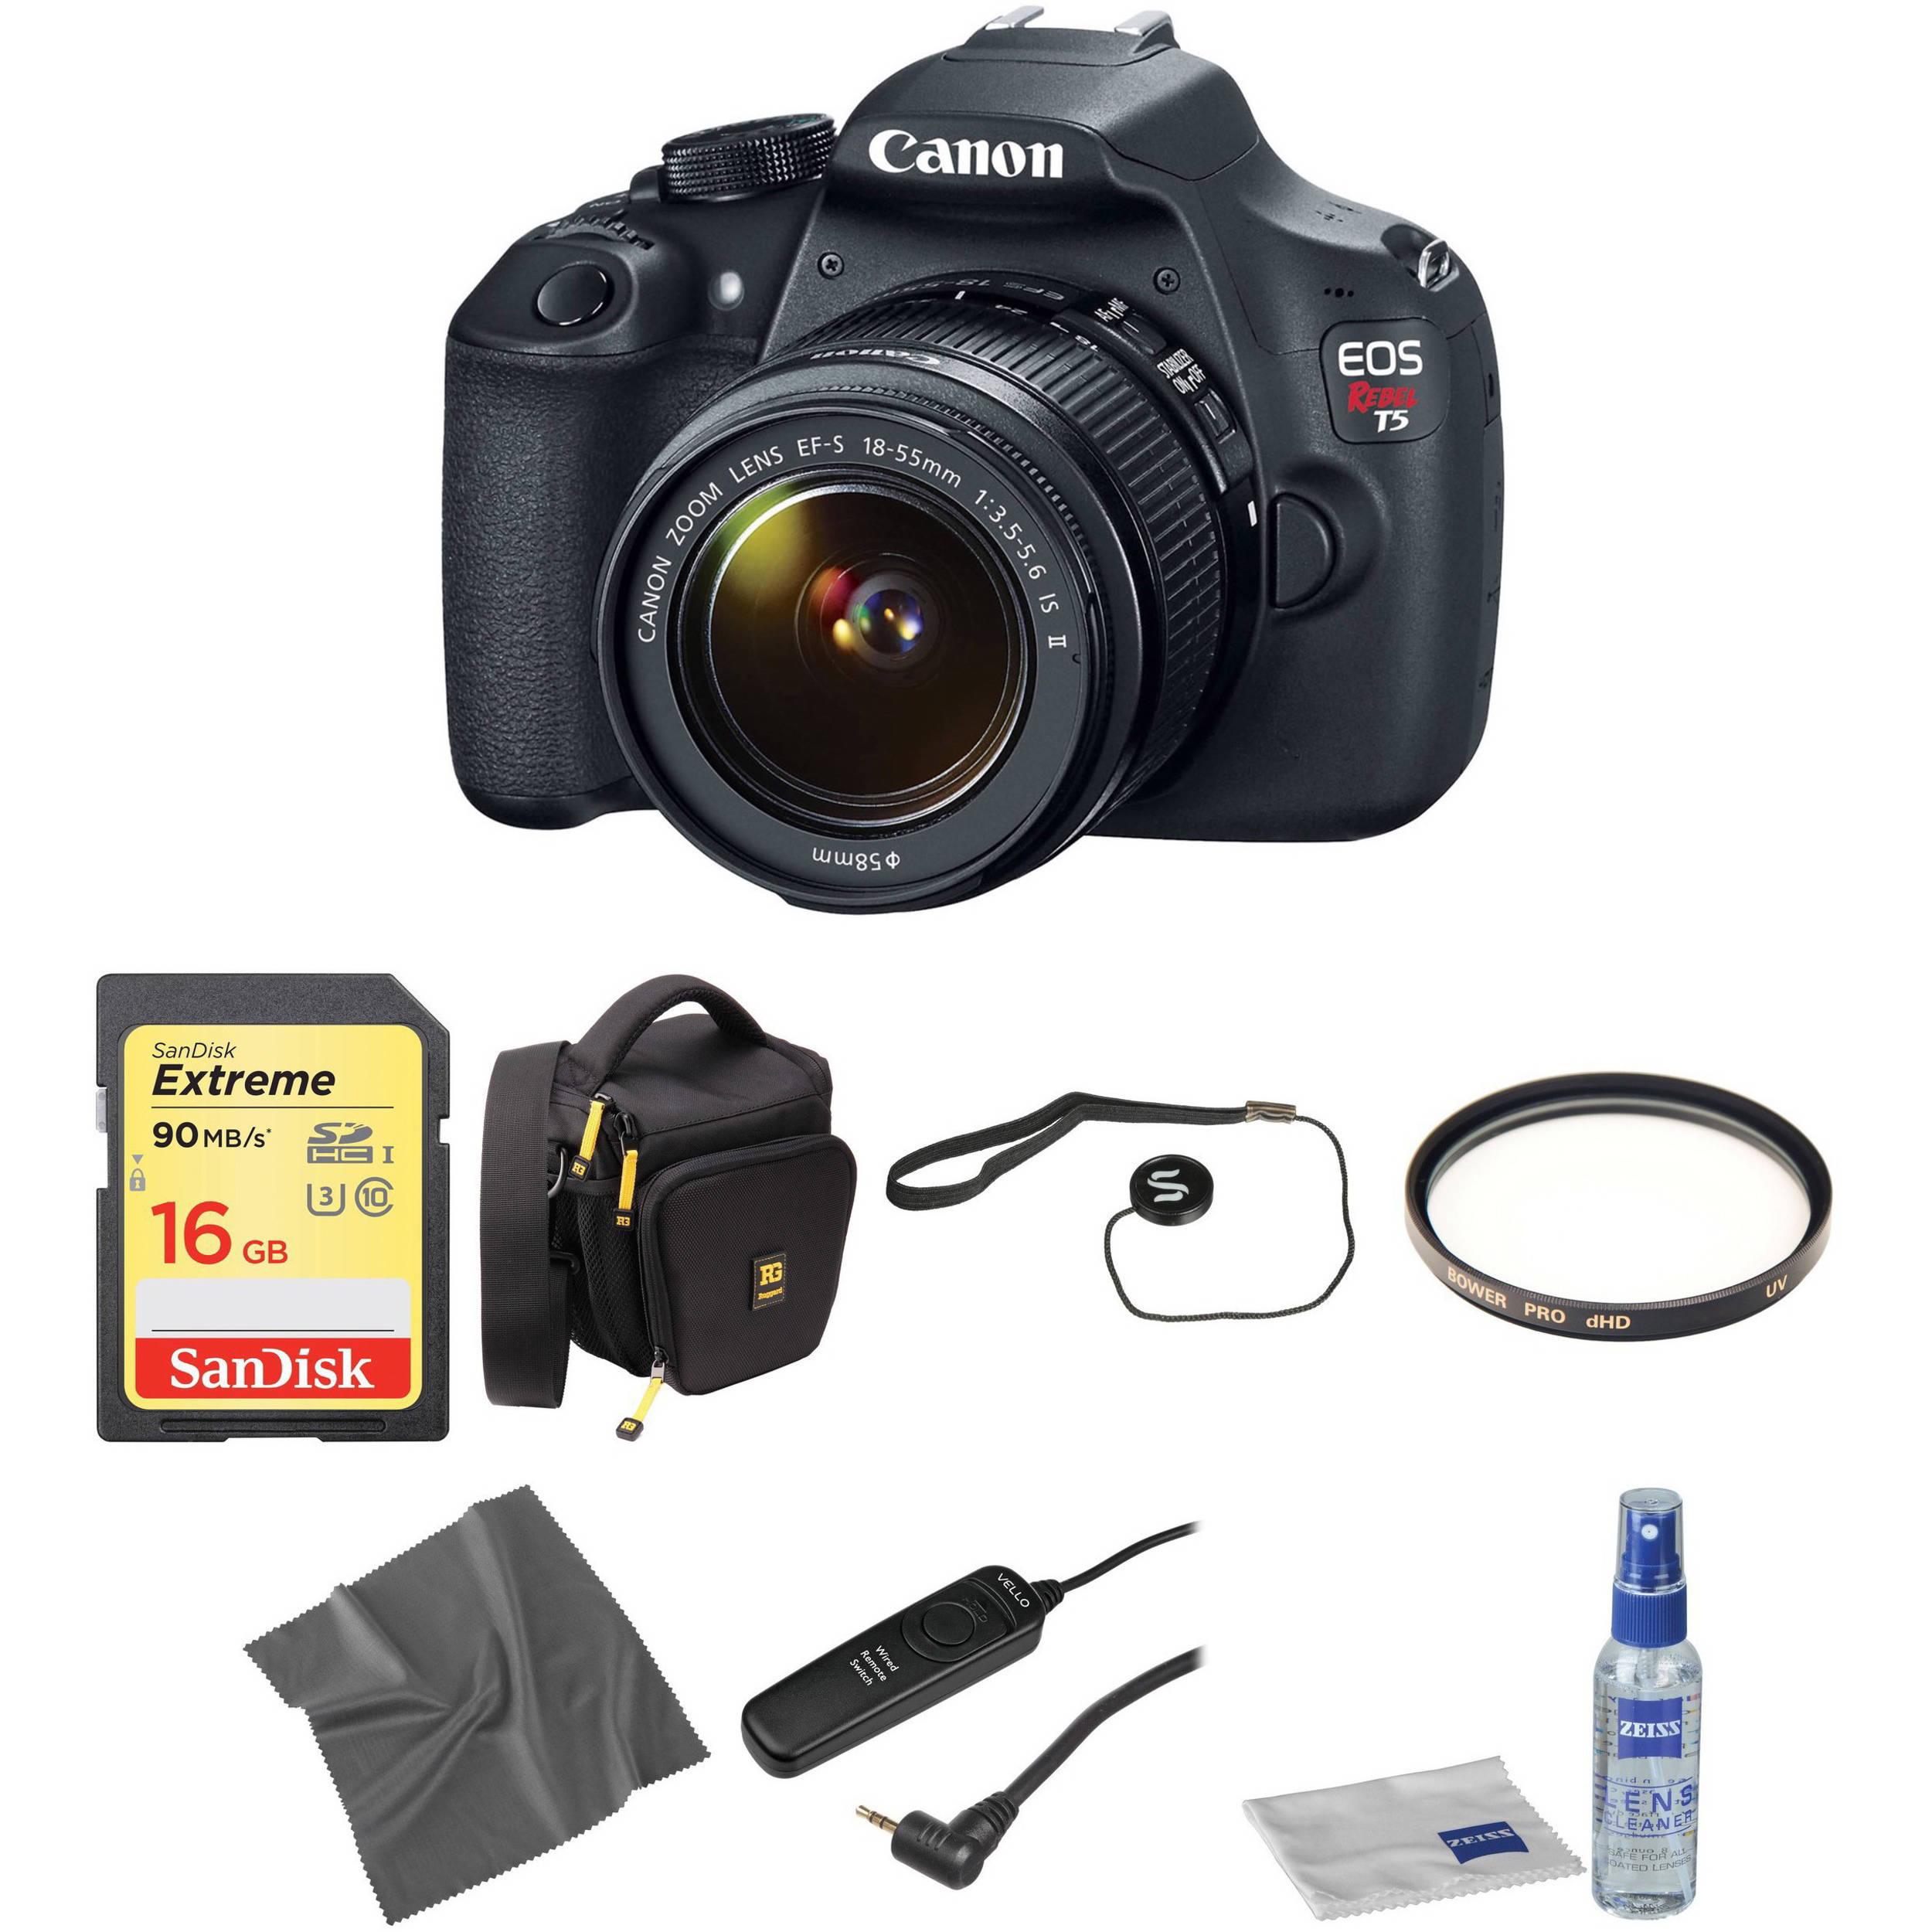 Canon eos rebel t5 digital camera : Hatfield fitness centre